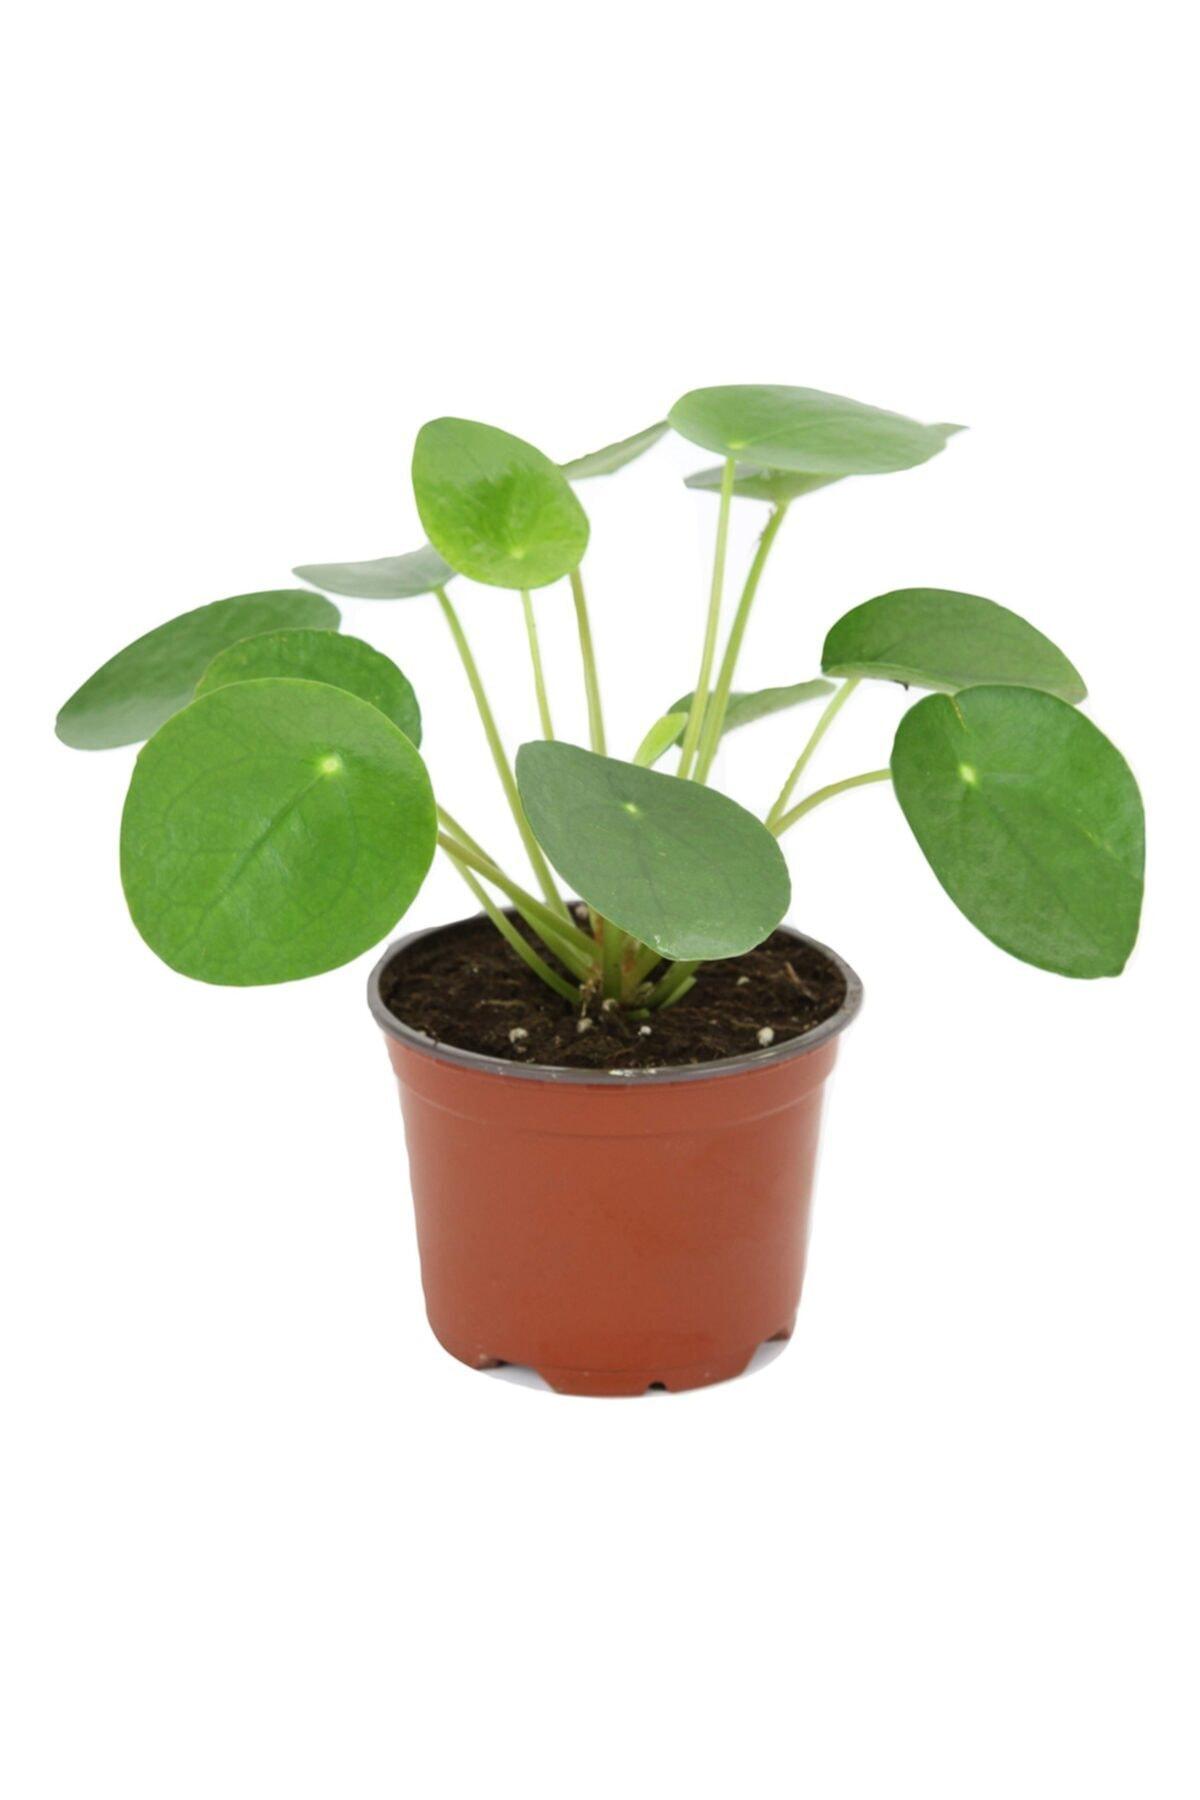 Pilea Peperomioides - Çin Para Ağacı - Ev Ofis Salon Iç Mekan Bitkisi - Saksı Çapı 6 Cm